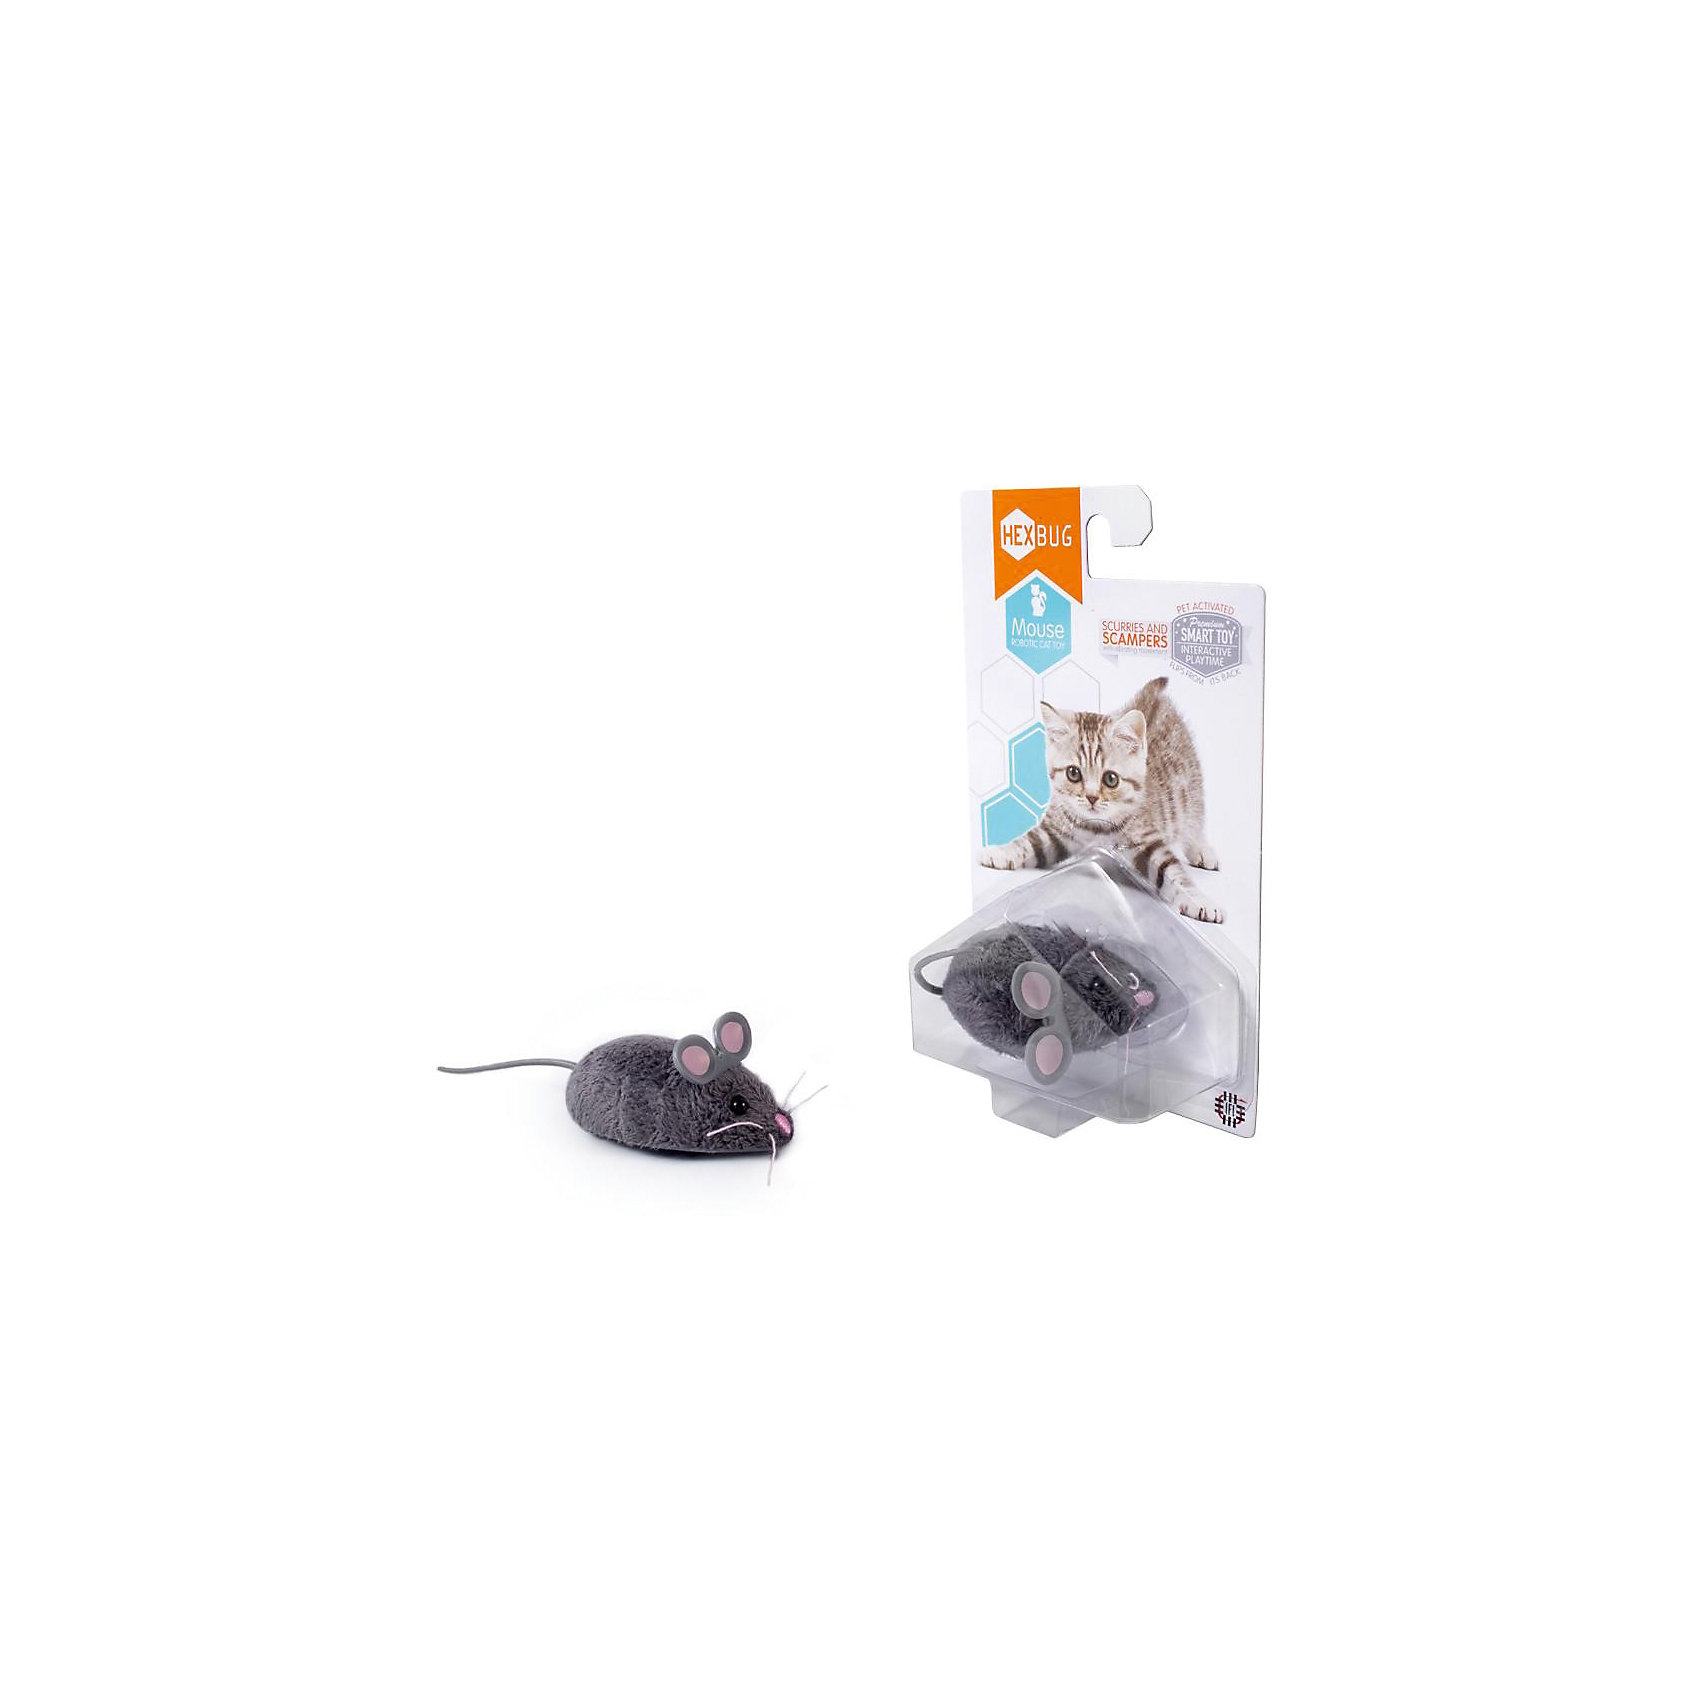 Микро-робот Mouse Cat Toy, HexbugПрочие интерактивные игрушки<br>Микро-робот Mouse Cat Toy, Hexbug (Хексбаг)<br><br>Характеристики:<br><br>• устойчив к механическим повреждениям<br>• 2 режима работы<br>• автоматическое отключение<br>• материал: пластик, металл, искусственная шерсть<br>• батарейки: LR44 - 2 Шт.<br>• размер: 6,5 см<br>• размер упаковки: 17х9х4 см<br>• вес: 80 грамм<br><br>Микро-робот Mouse Cat Toy порадует вас и вашего питомца своей ловкостью и энергичностью. Робот выполнен в виде маленькой мышки, а его детали настолько реалистичны, что вы с трудом отличите Mouse Can Toy от настоящей мышки. Робот передвигается в разных направлениях, есть два режима игры. В первом режиме робот двигается непрерывно, а во втором - останавливается. После пяти минут работы мышка отключается. Чтобы снова включить робота, достаточно дотронуться для него. Микро-робот Mouse Can Toy - отличное развлечение для всей семьи!<br><br>Микро-робота Mouse Cat Toy, Hexbug (Хексбаг) вы можете купить в нашем интернет-магазине.<br><br>Ширина мм: 160<br>Глубина мм: 40<br>Высота мм: 100<br>Вес г: 37<br>Возраст от месяцев: 36<br>Возраст до месяцев: 2147483647<br>Пол: Унисекс<br>Возраст: Детский<br>SKU: 5507200